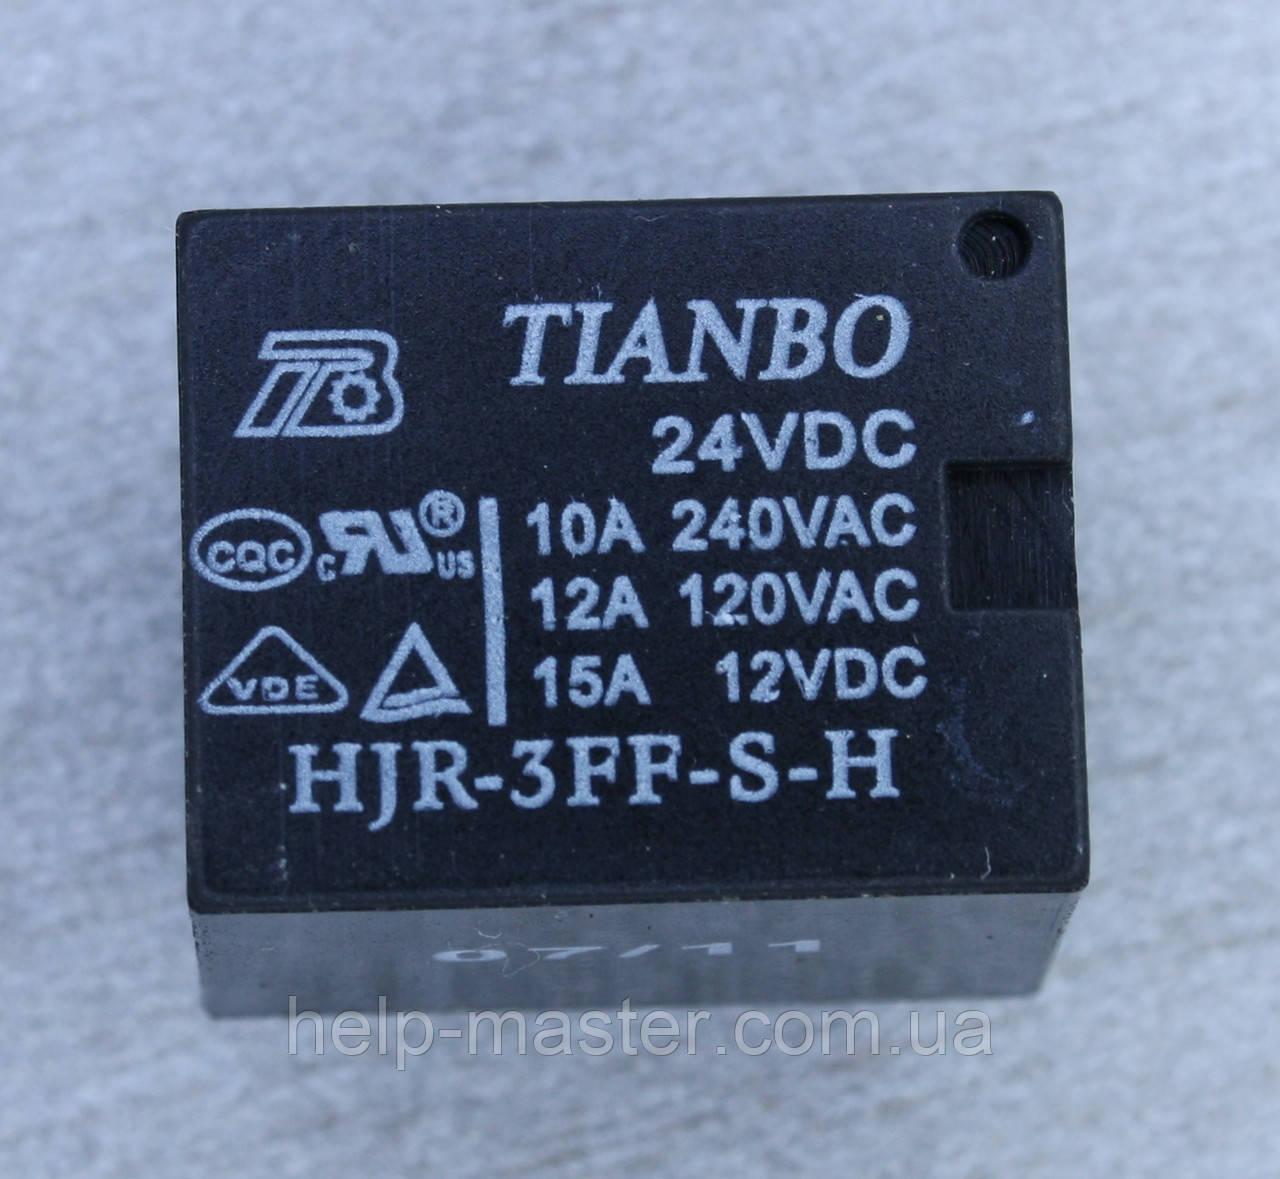 Реле электромеханическое  HJR-3FF-S-H (24VDC)